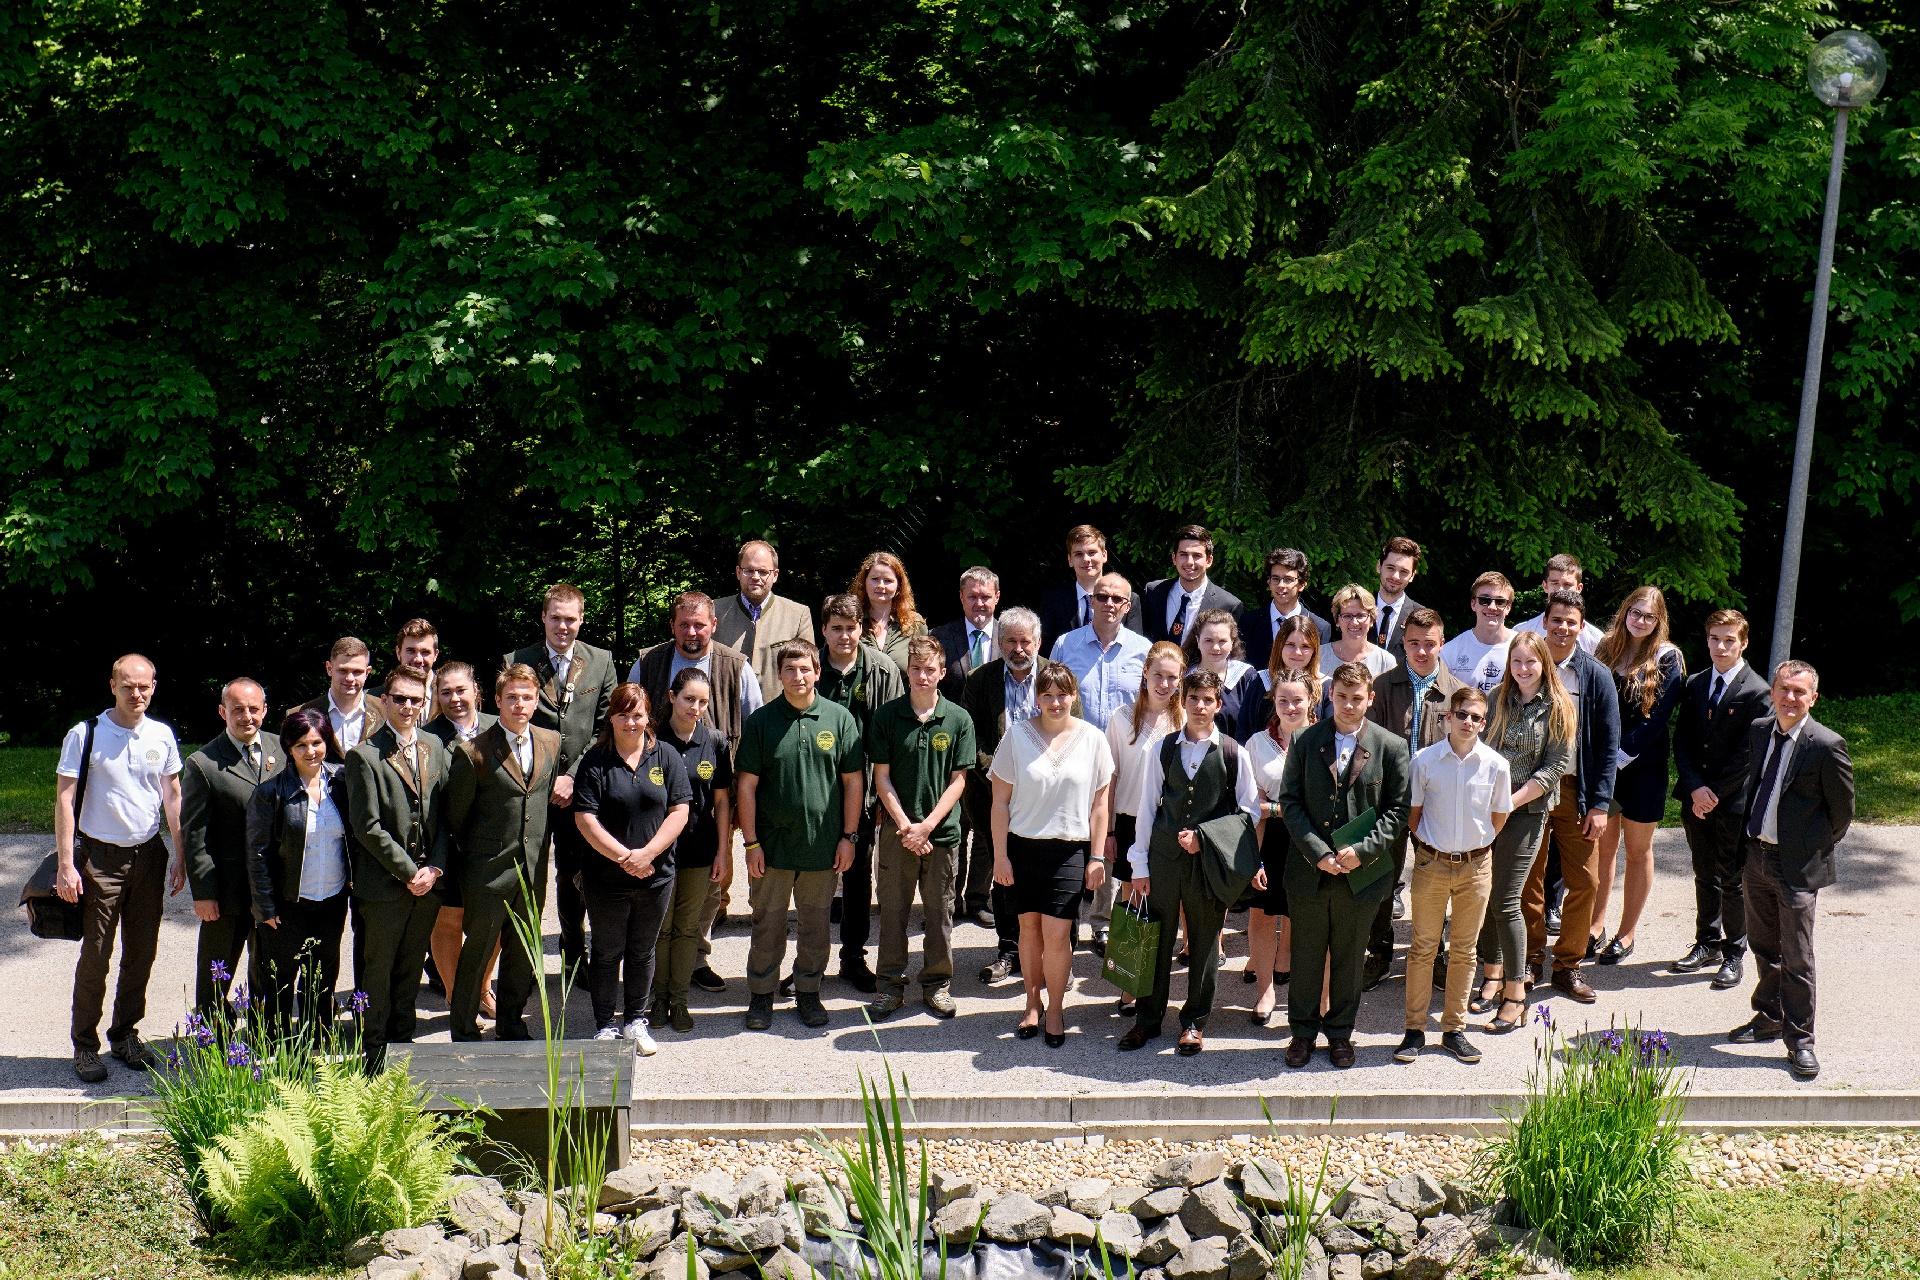 Ismét kecskeméti gimnazisták nyerték az YPEF nemzetközi tanulmányi verseny hazai döntőjét